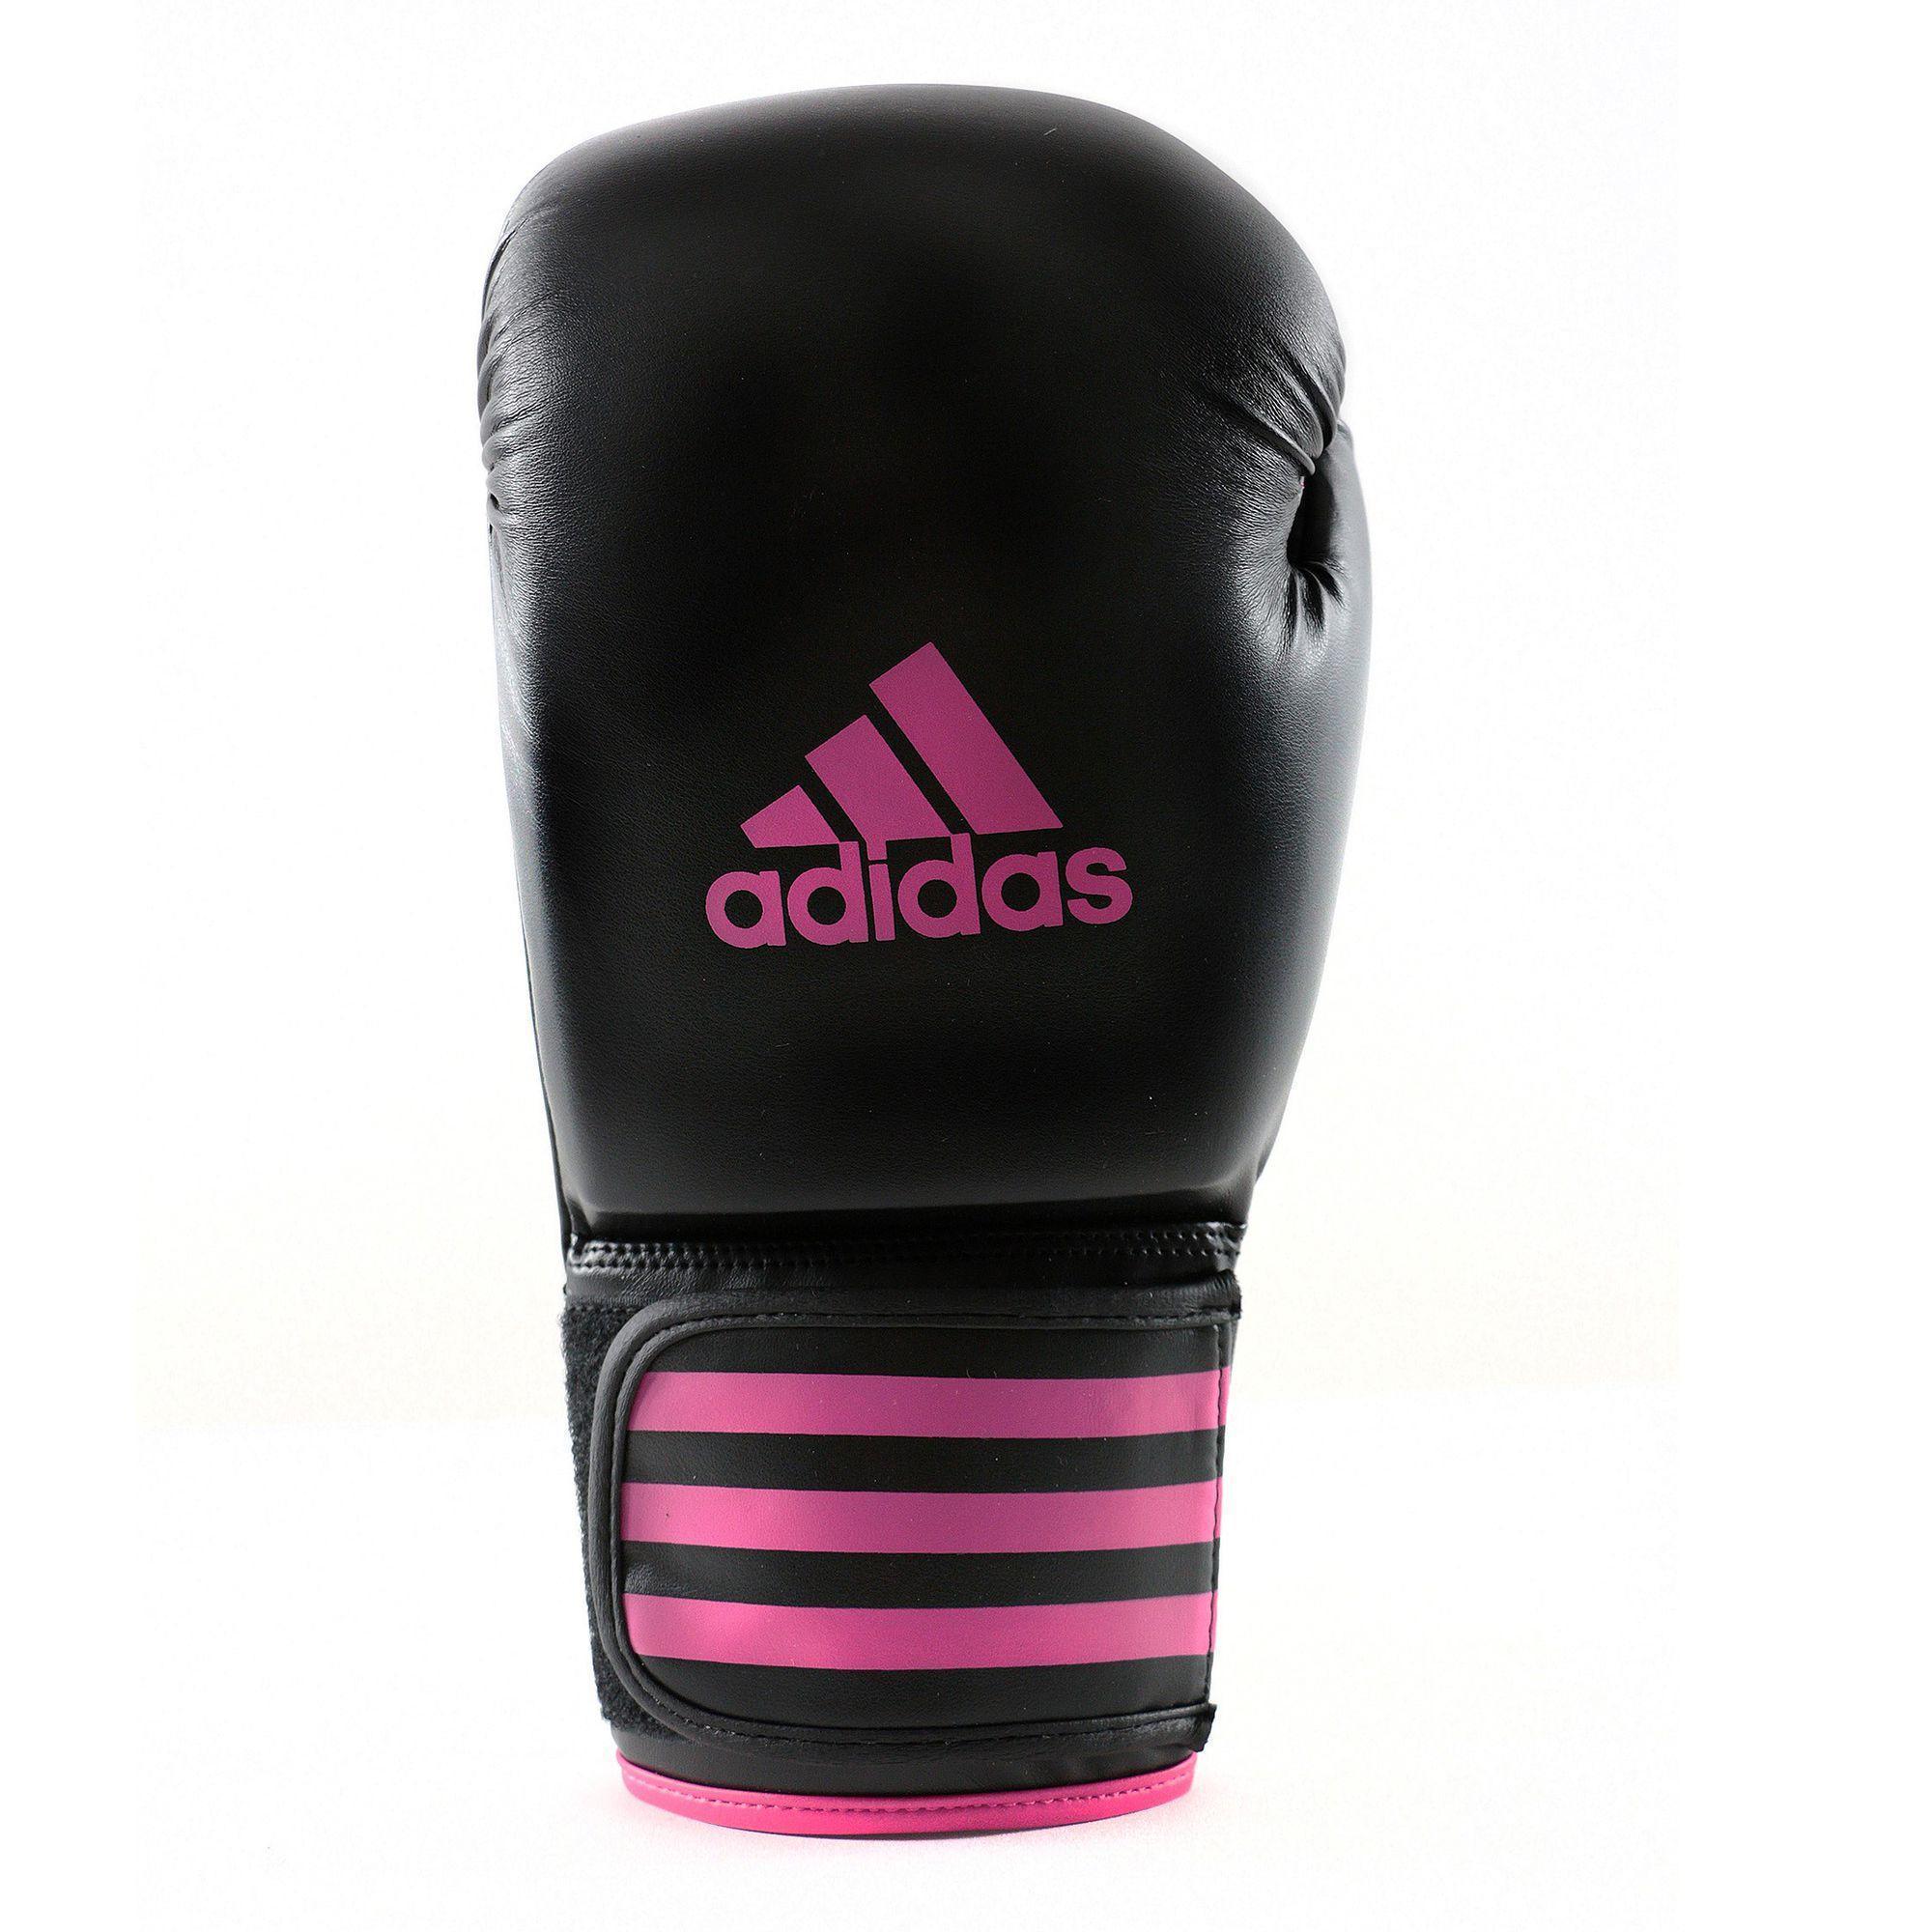 Bokshandschoenen FPower 200 zwart-roze